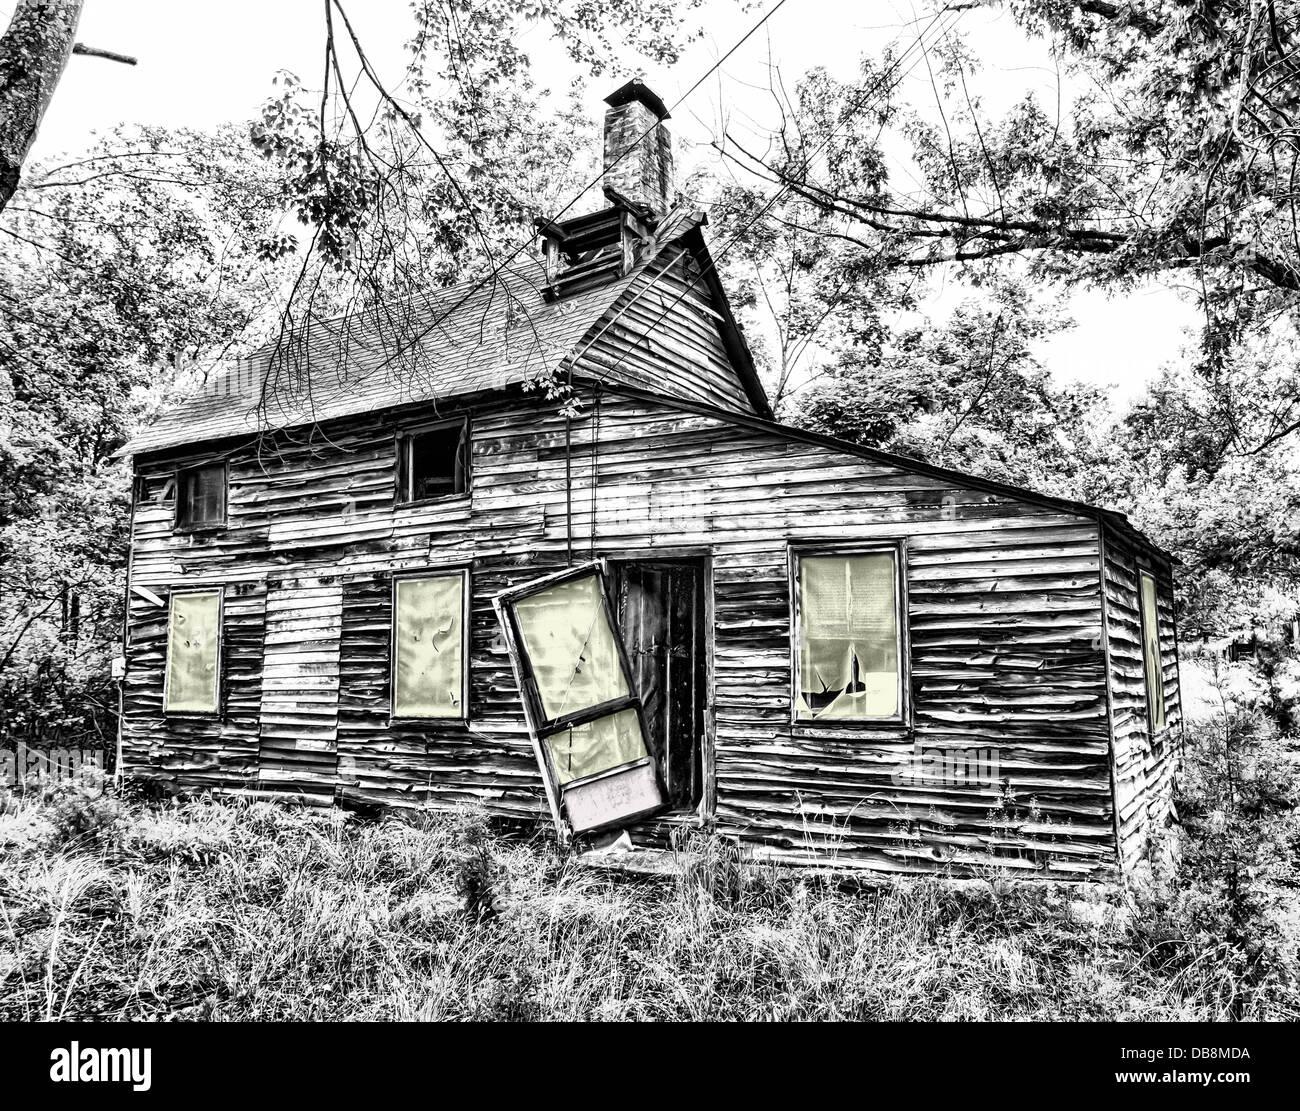 Maison de campagne maison abandonner la nature pays Photo Stock